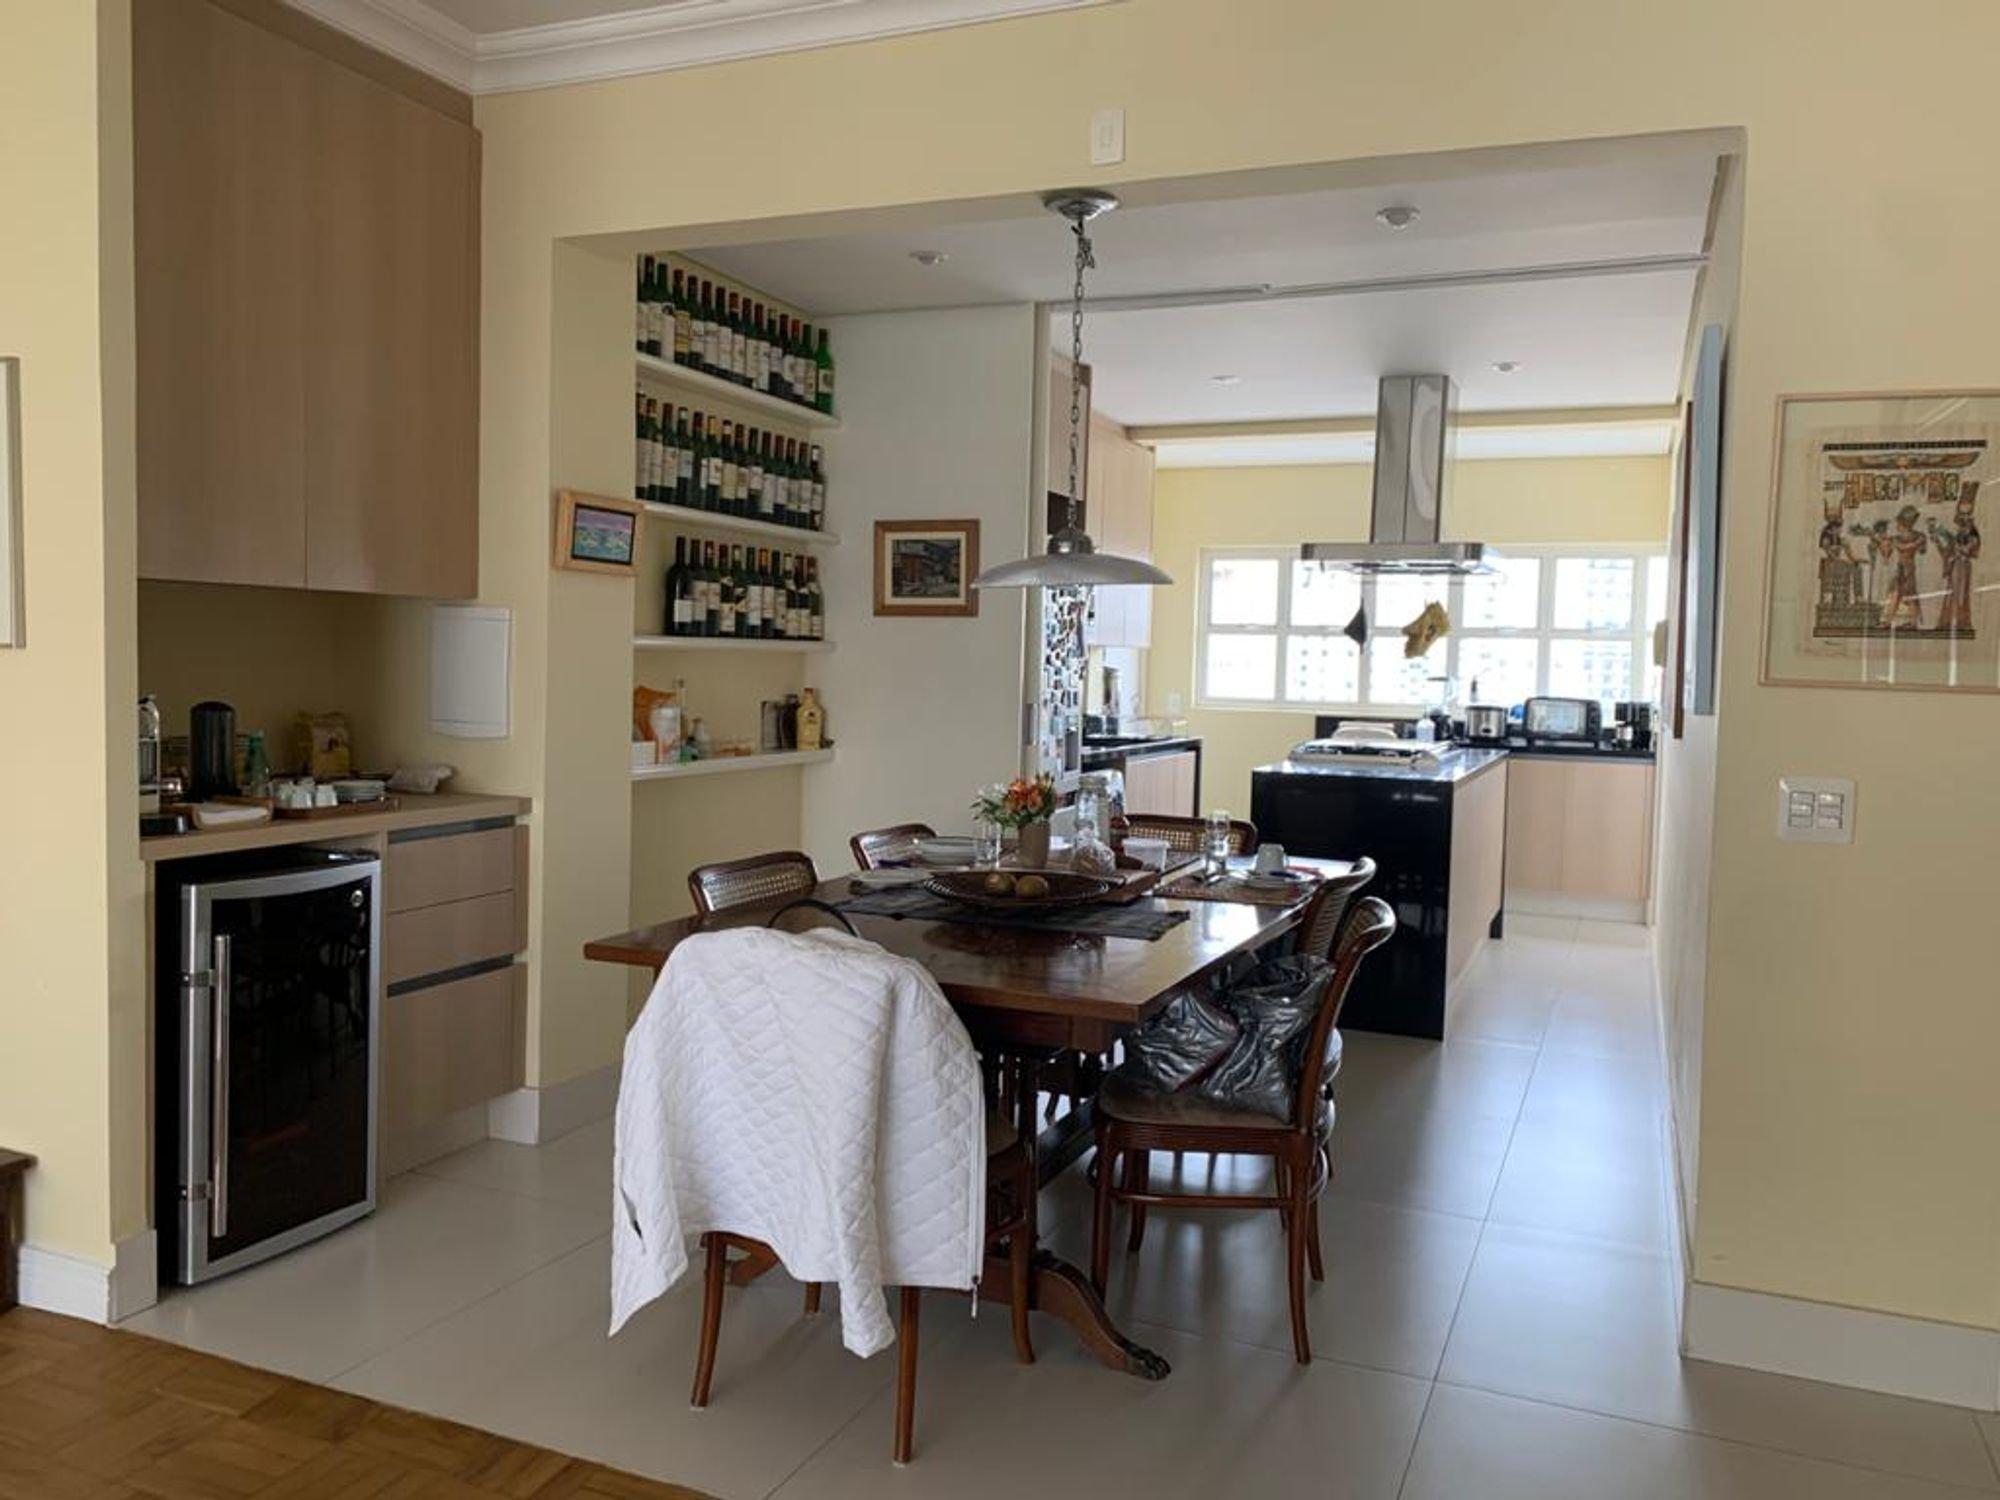 Foto de Cozinha com copo de vinho, vaso, tigela, cadeira